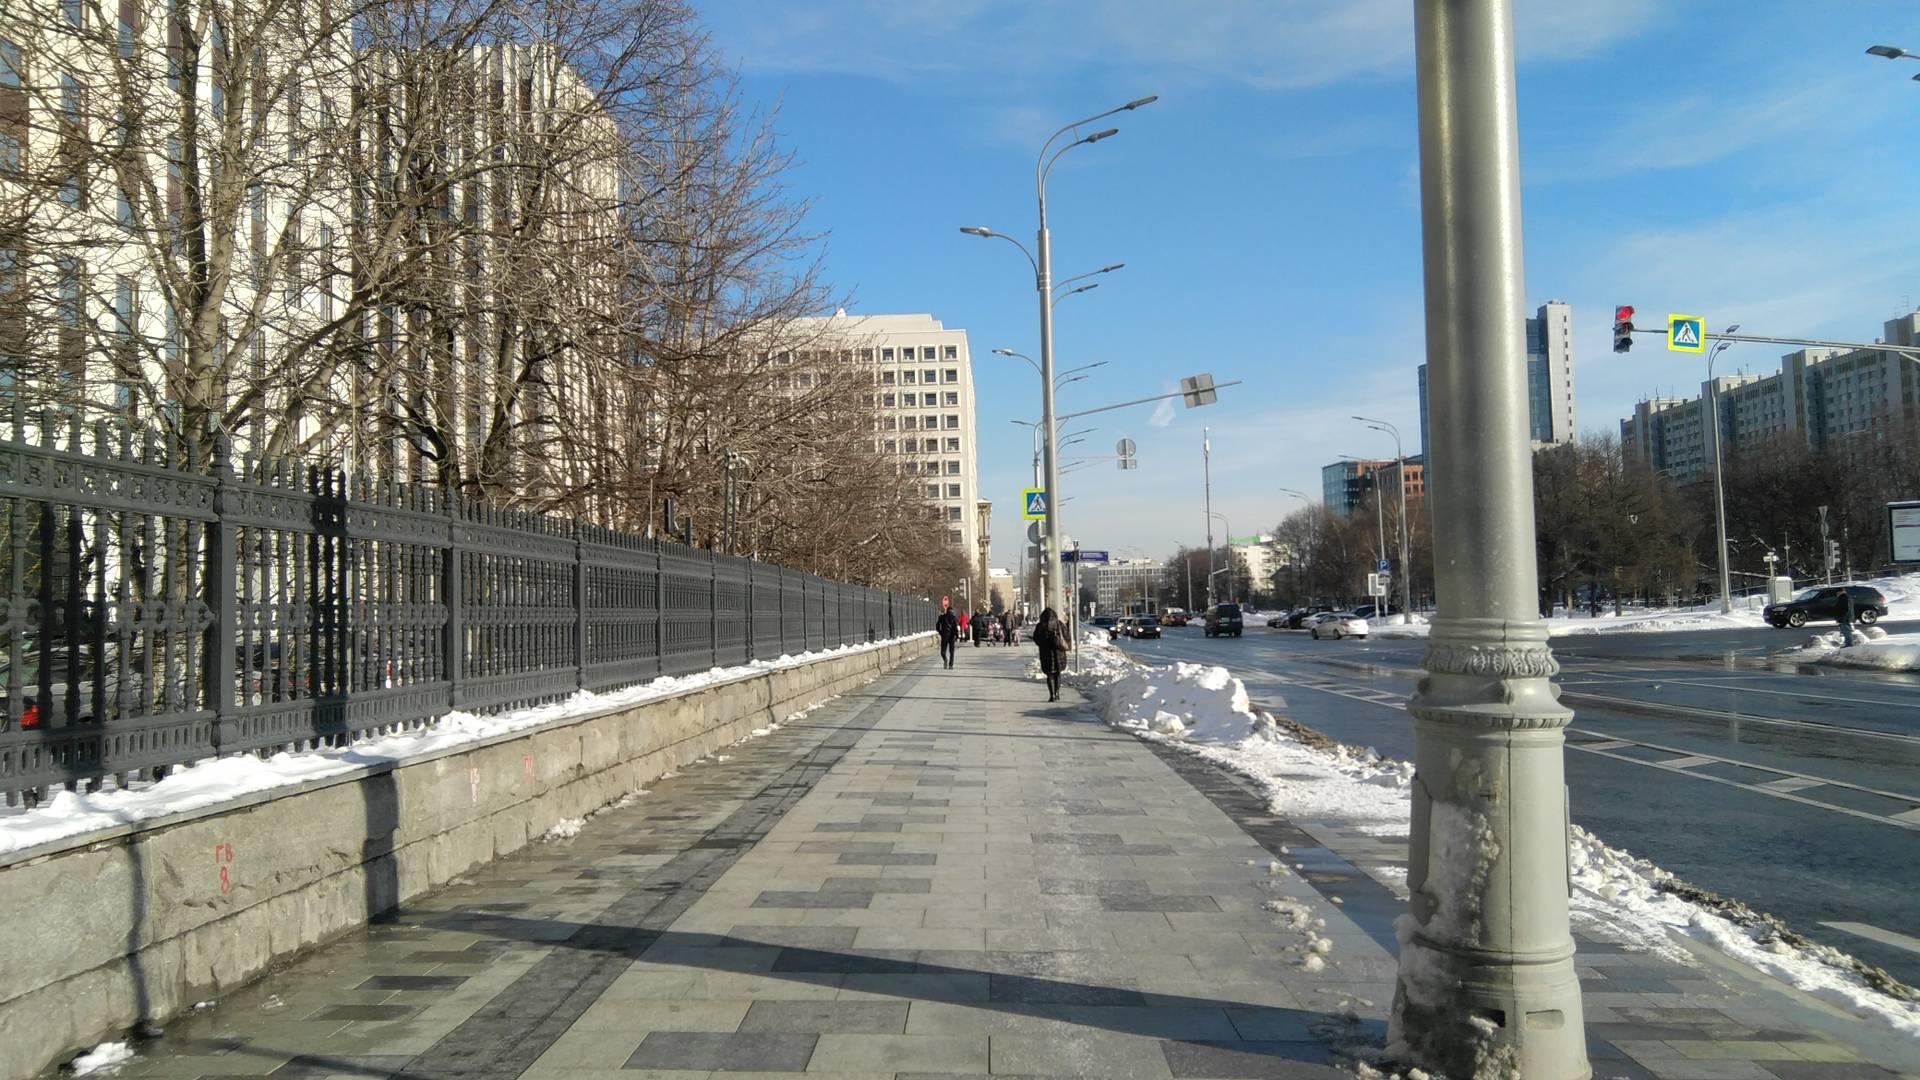 Москва, ул. Коровий вал, сторона возле МВД и Минюста